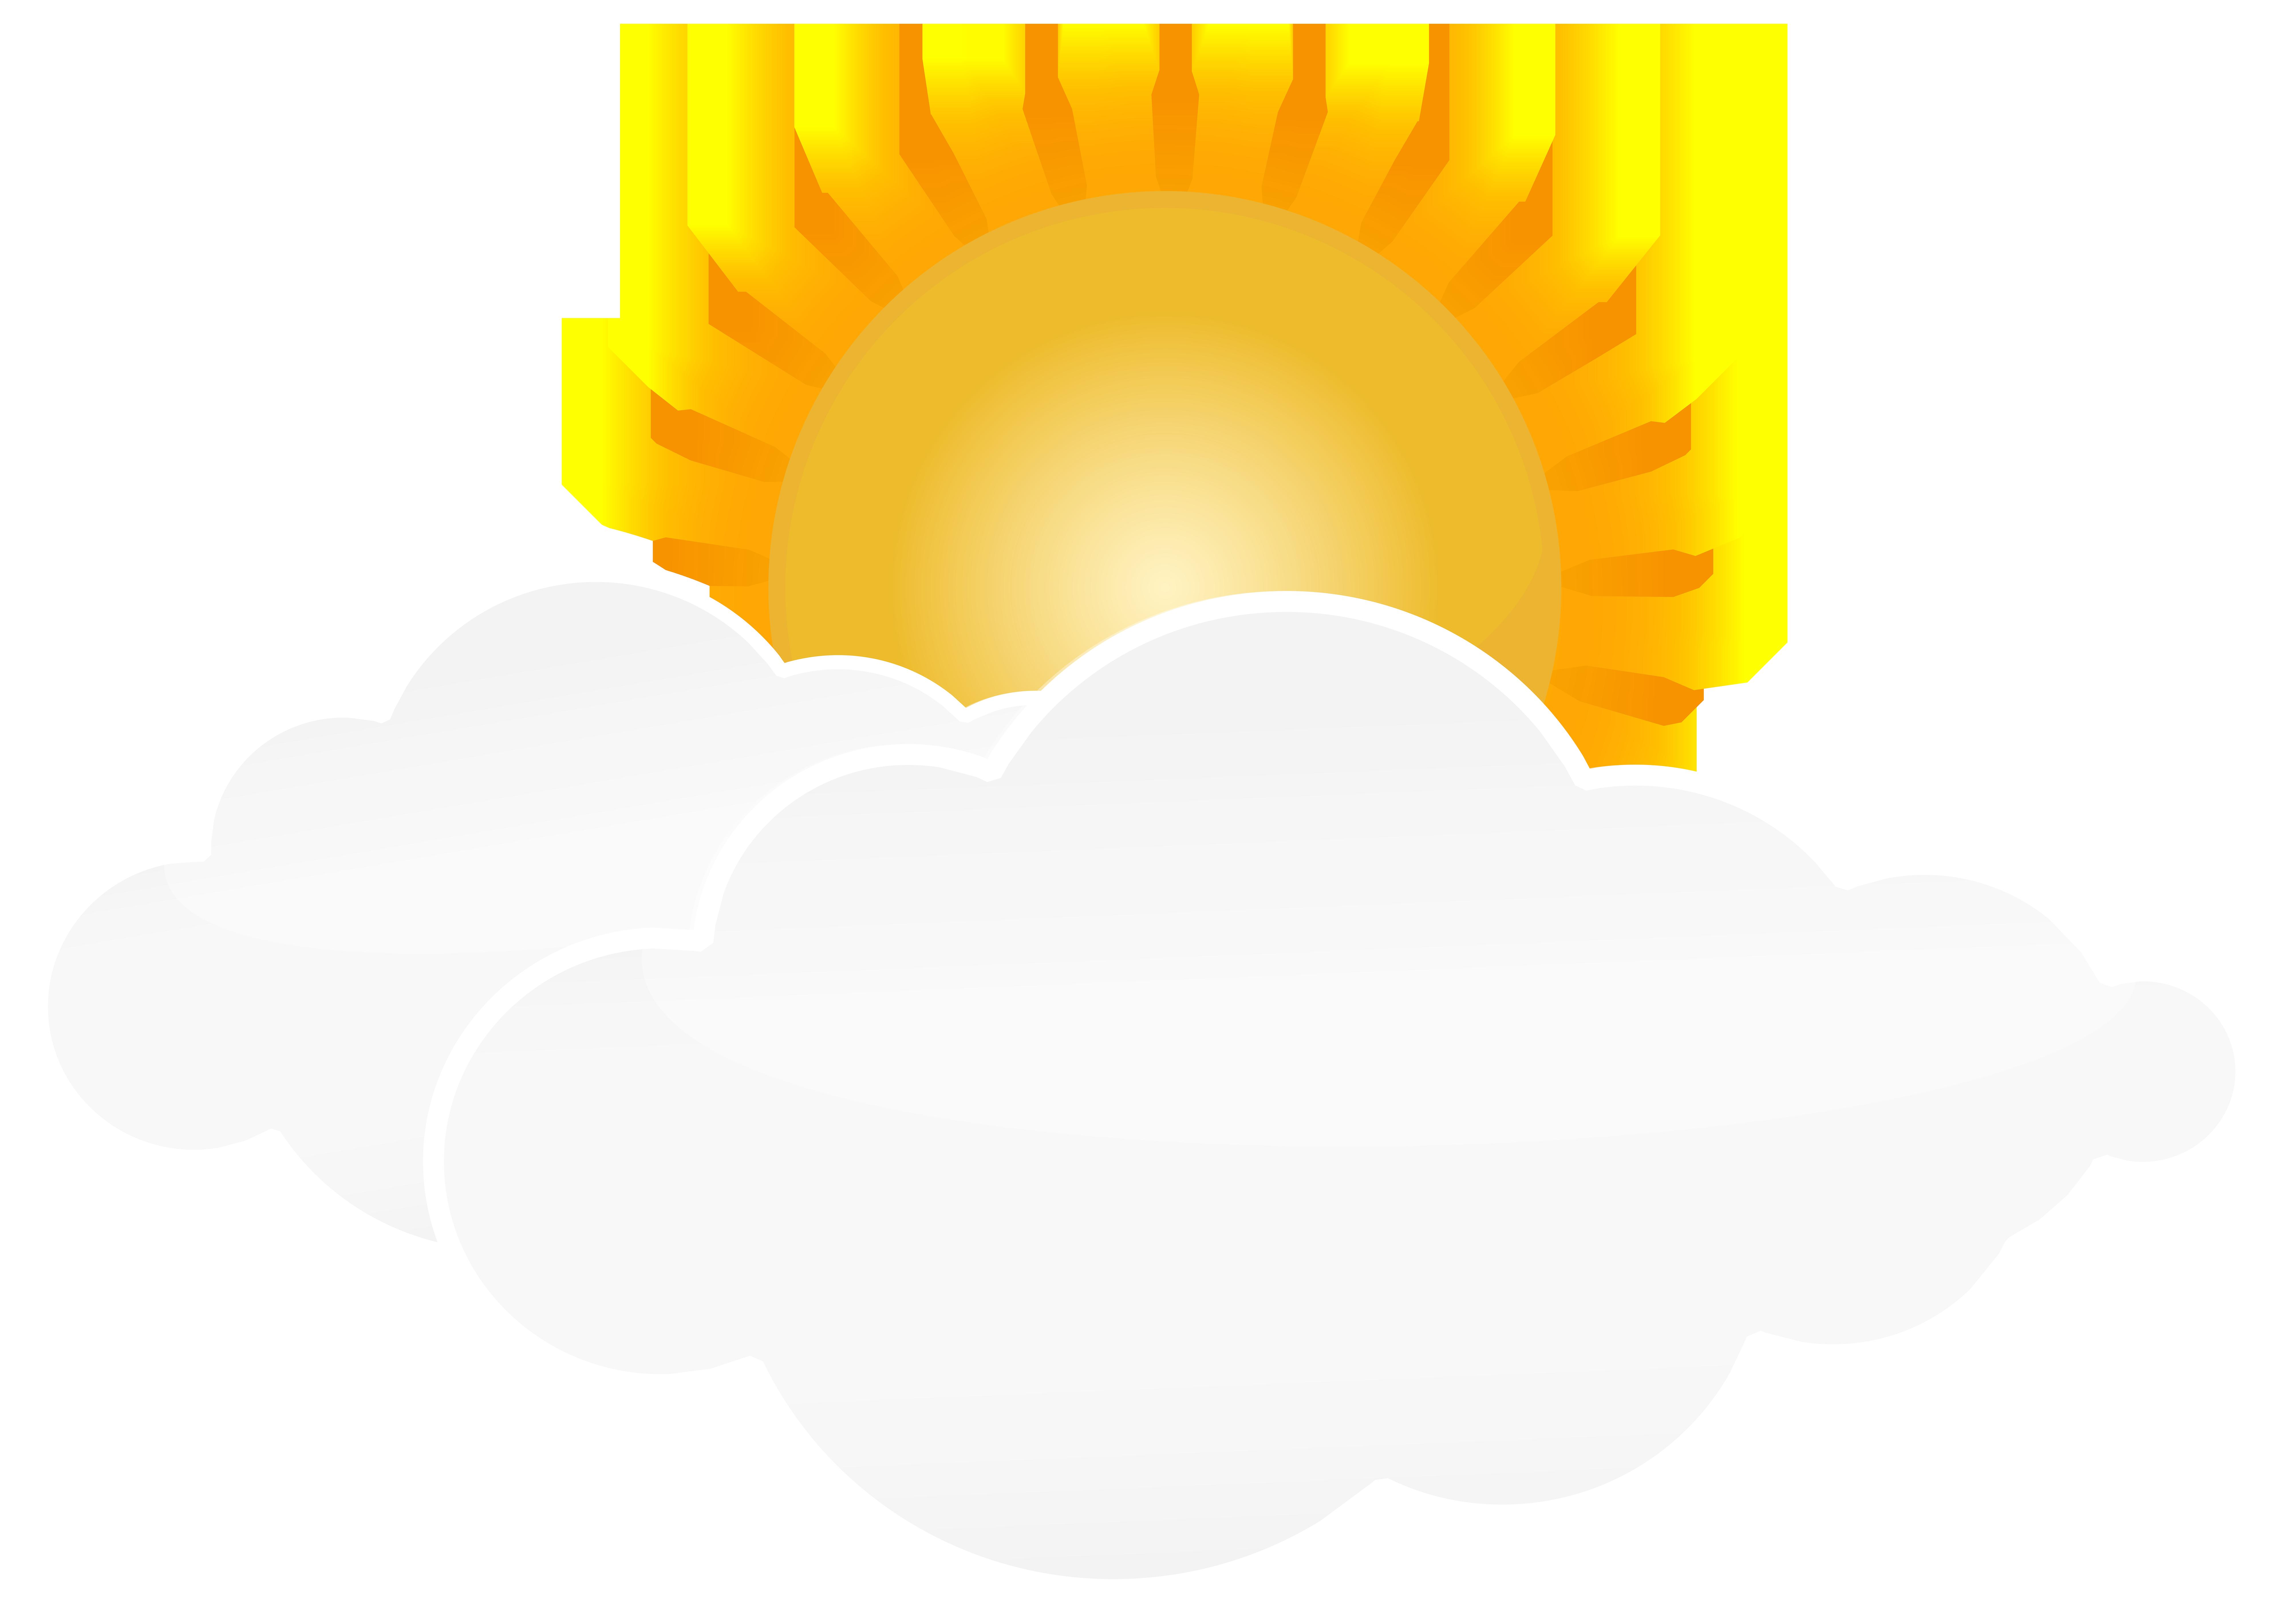 8000x5673 Sun With Clouds Png Transparent Clip Art Imageu200b Gallery